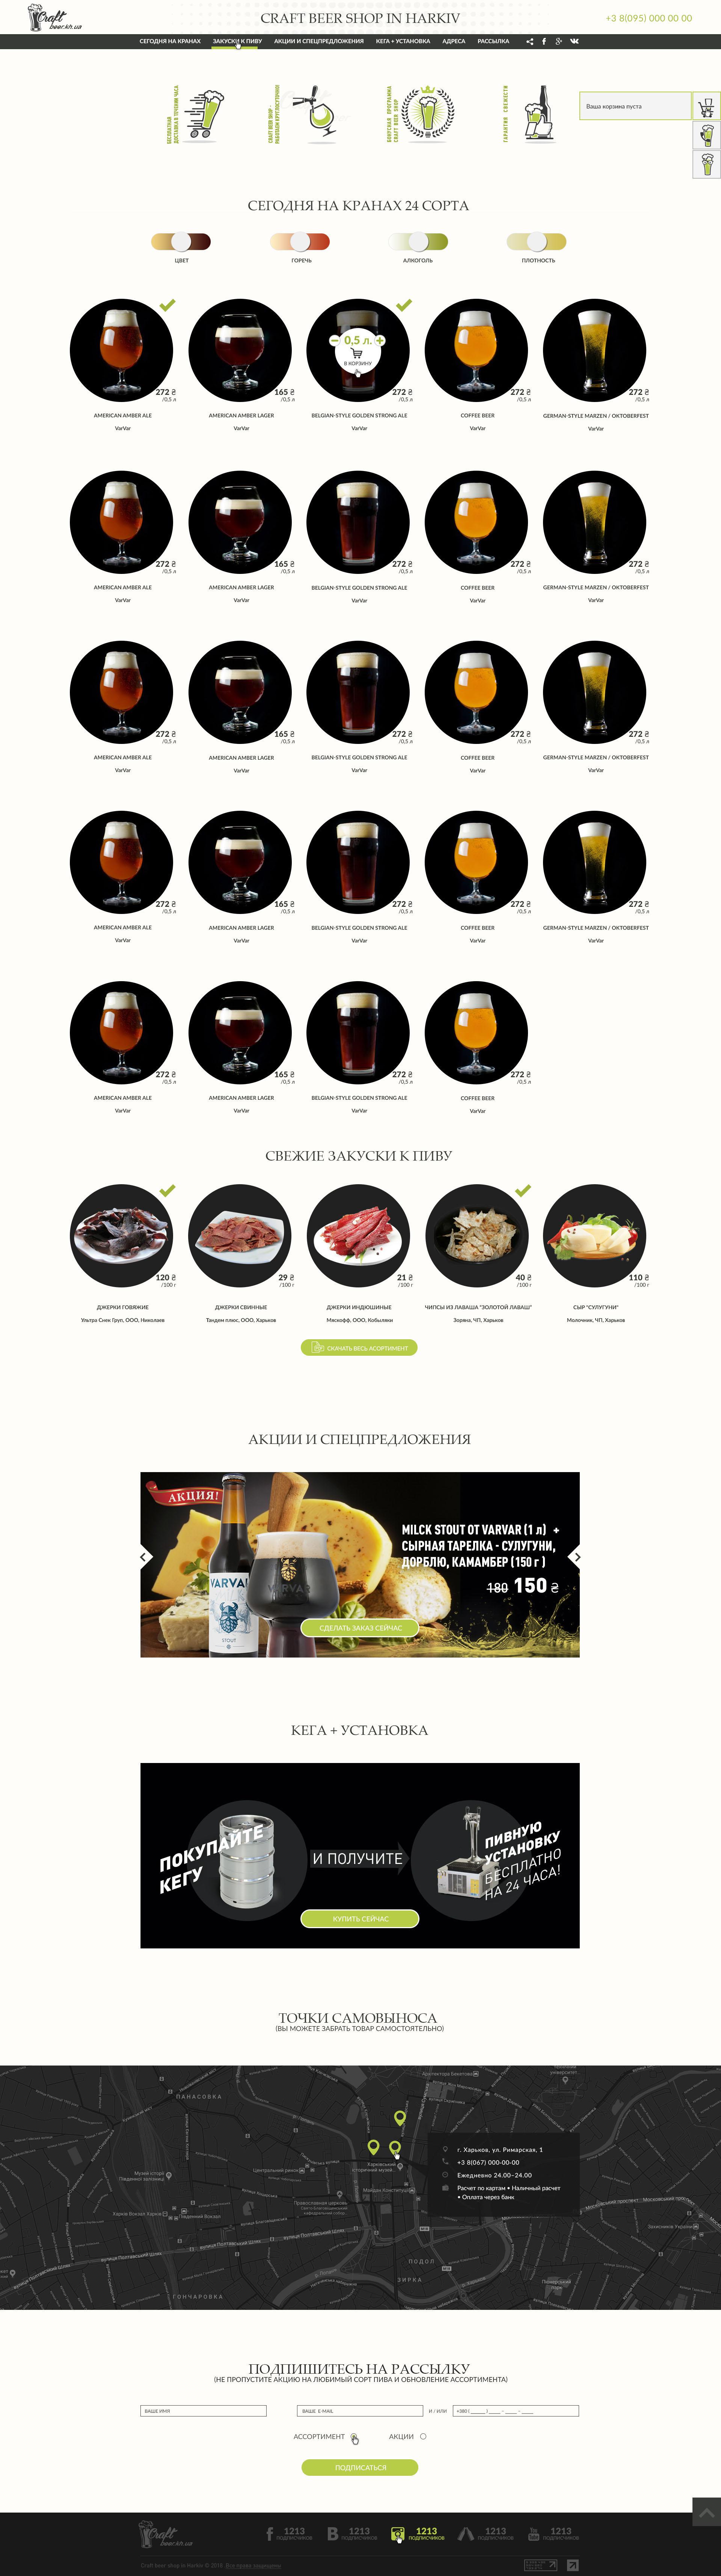 Дизайн лендинга, + страница Бонусов, + модальные окна фото f_9775a62e927ccc7c.jpg